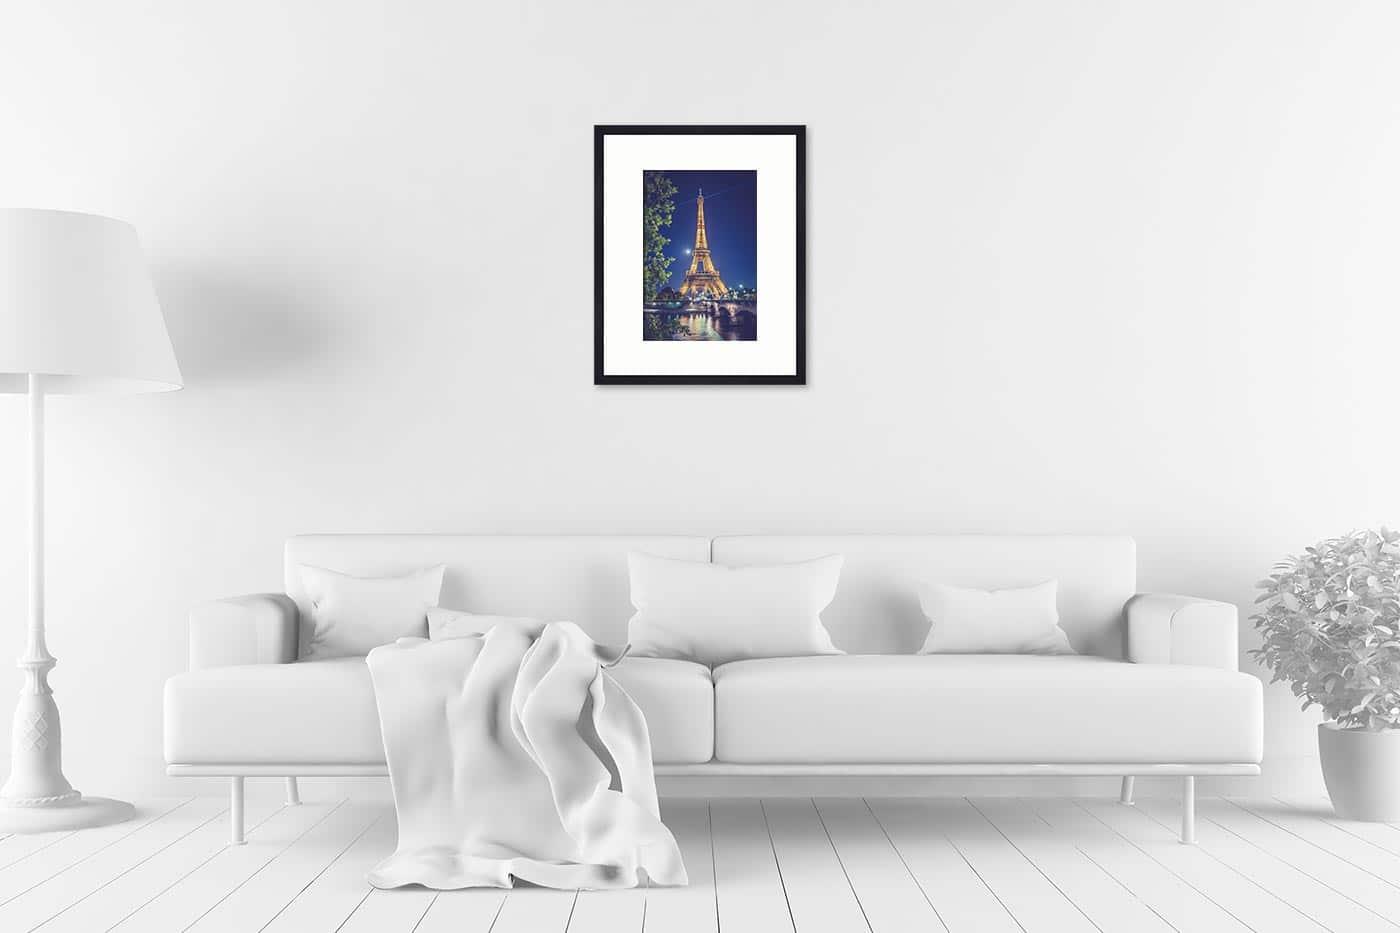 Cadre galerie 40x50 Paris 22H31